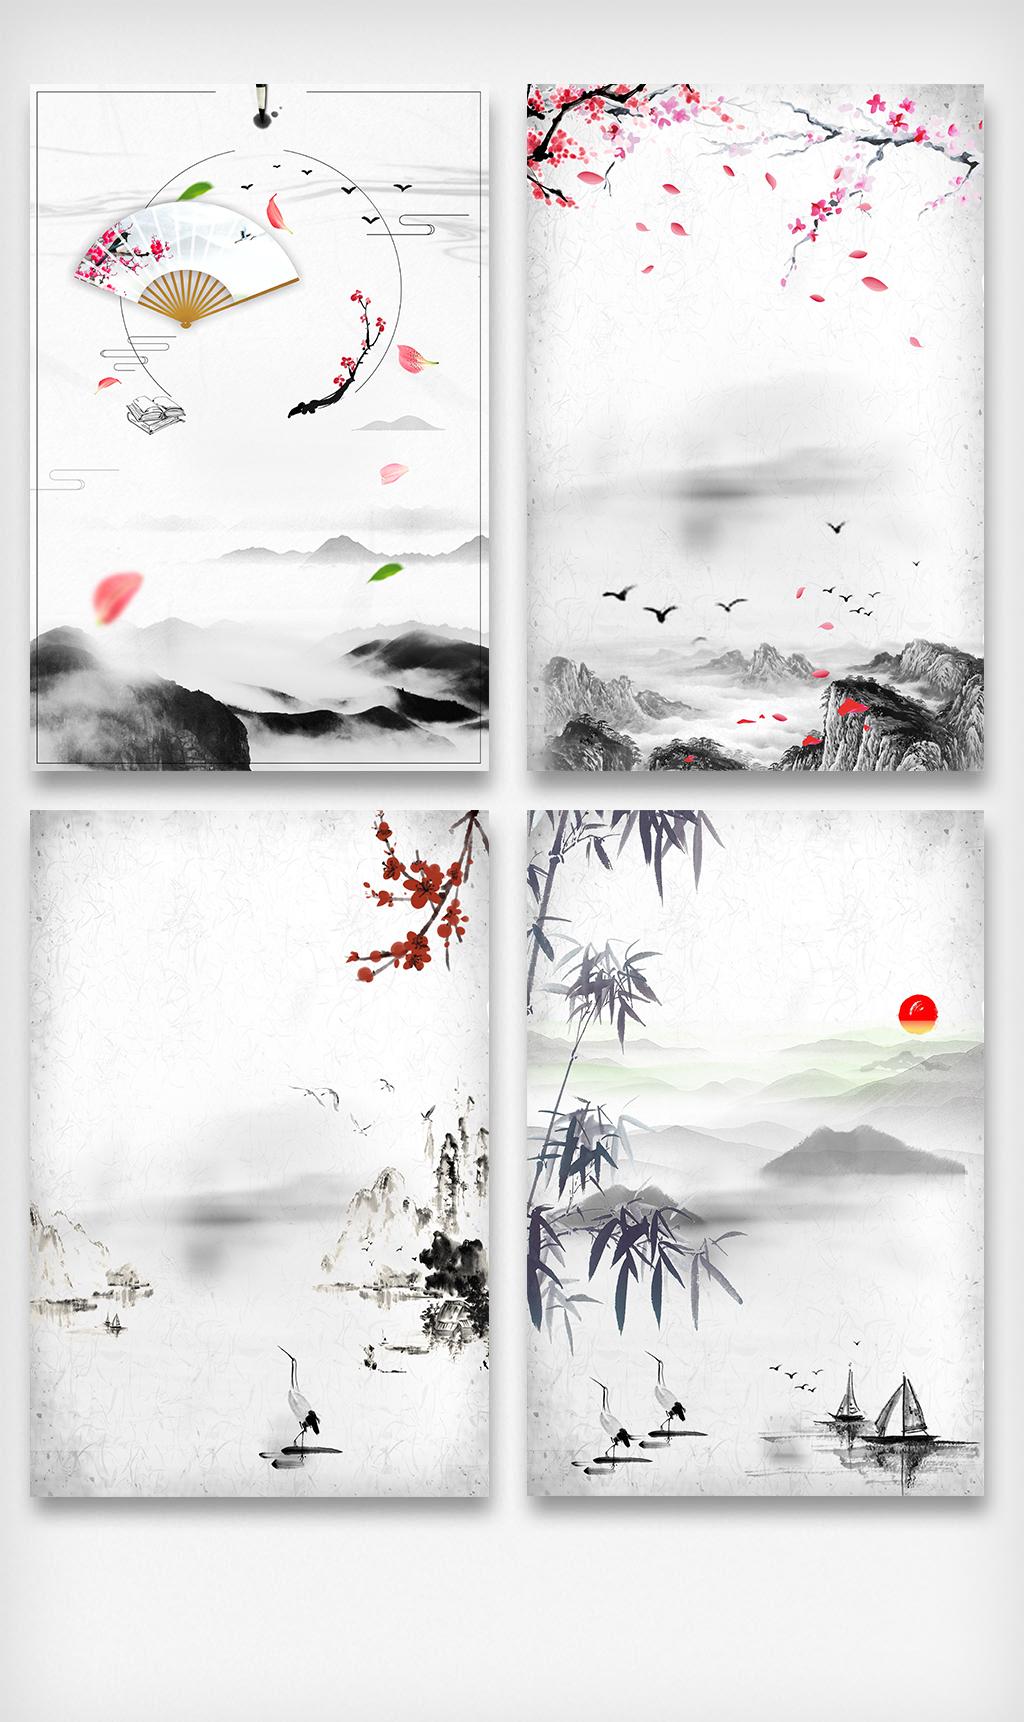 中国风水墨风景海报背景元素图片素材(psd分层格式)